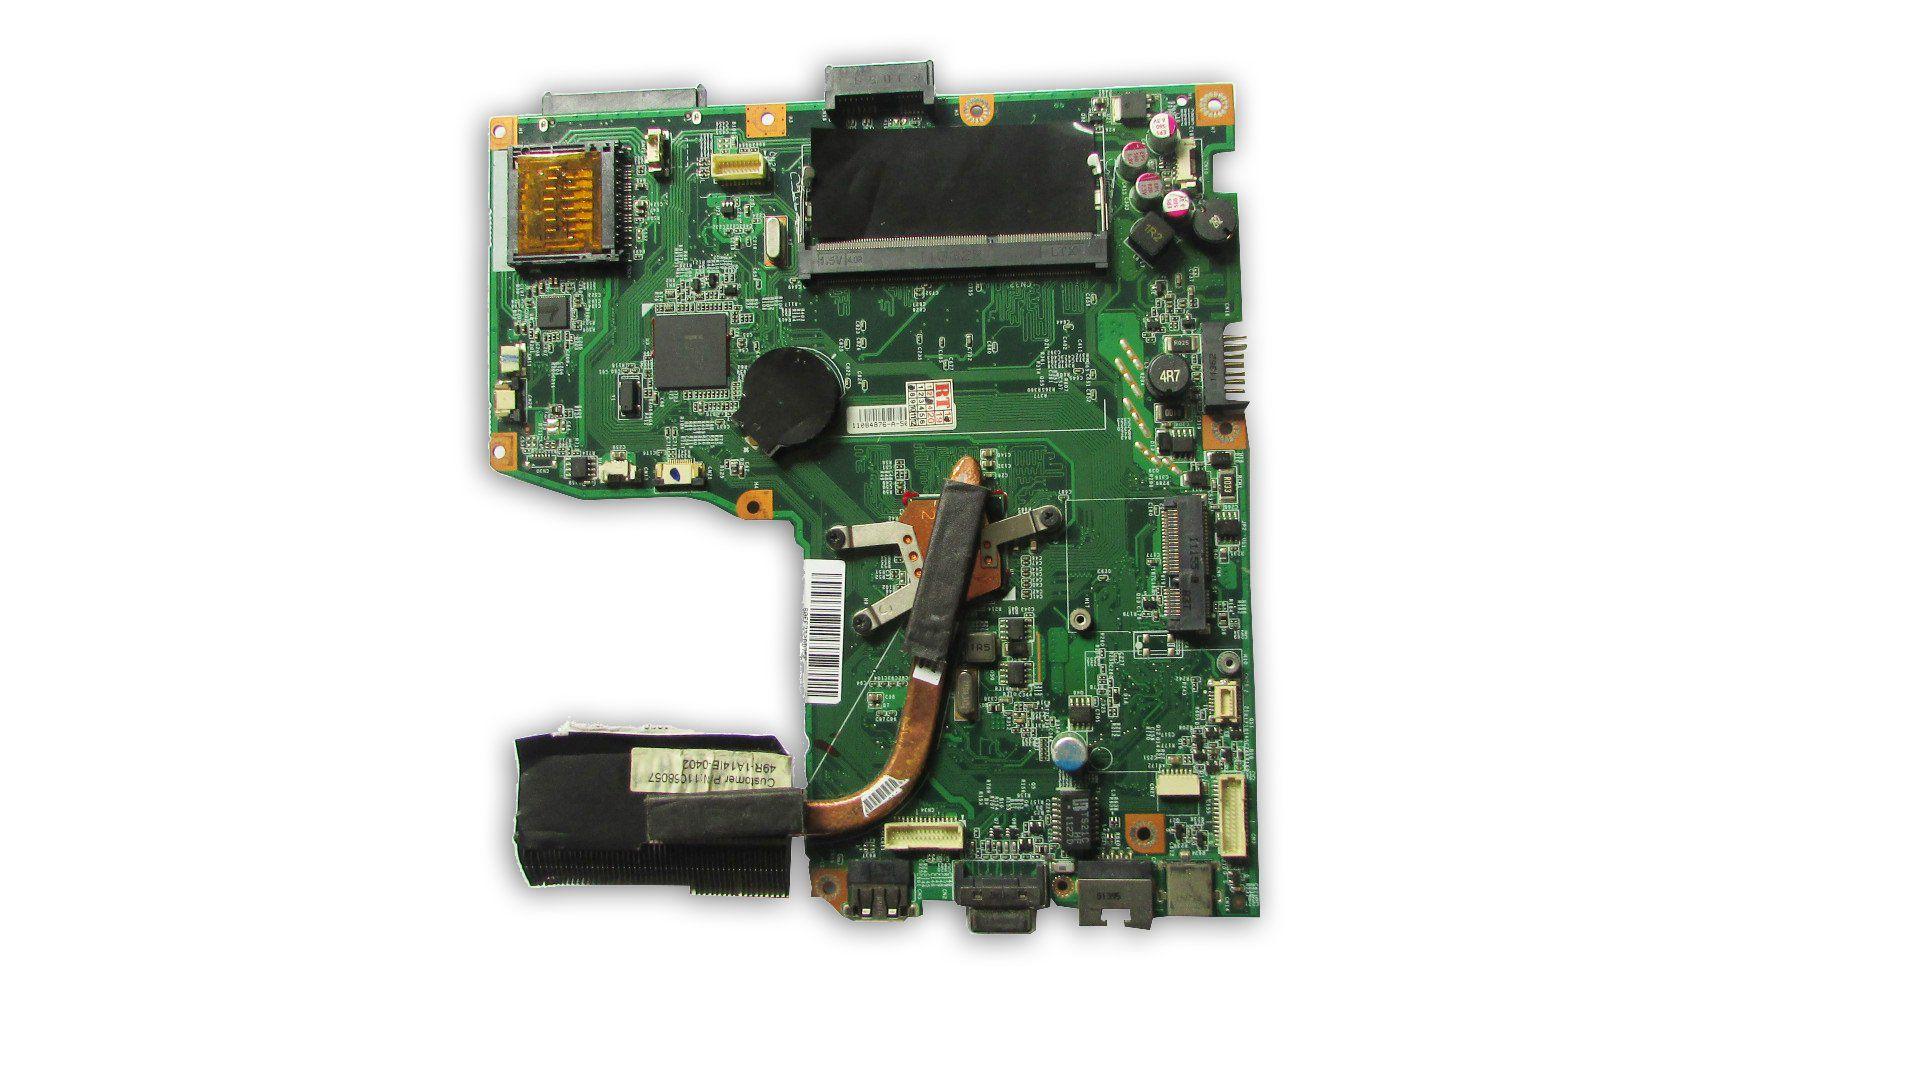 Placa Mãe 71r-a14ie4-t820 A14iexx V2.0 Processador D525 (Semi Nova)